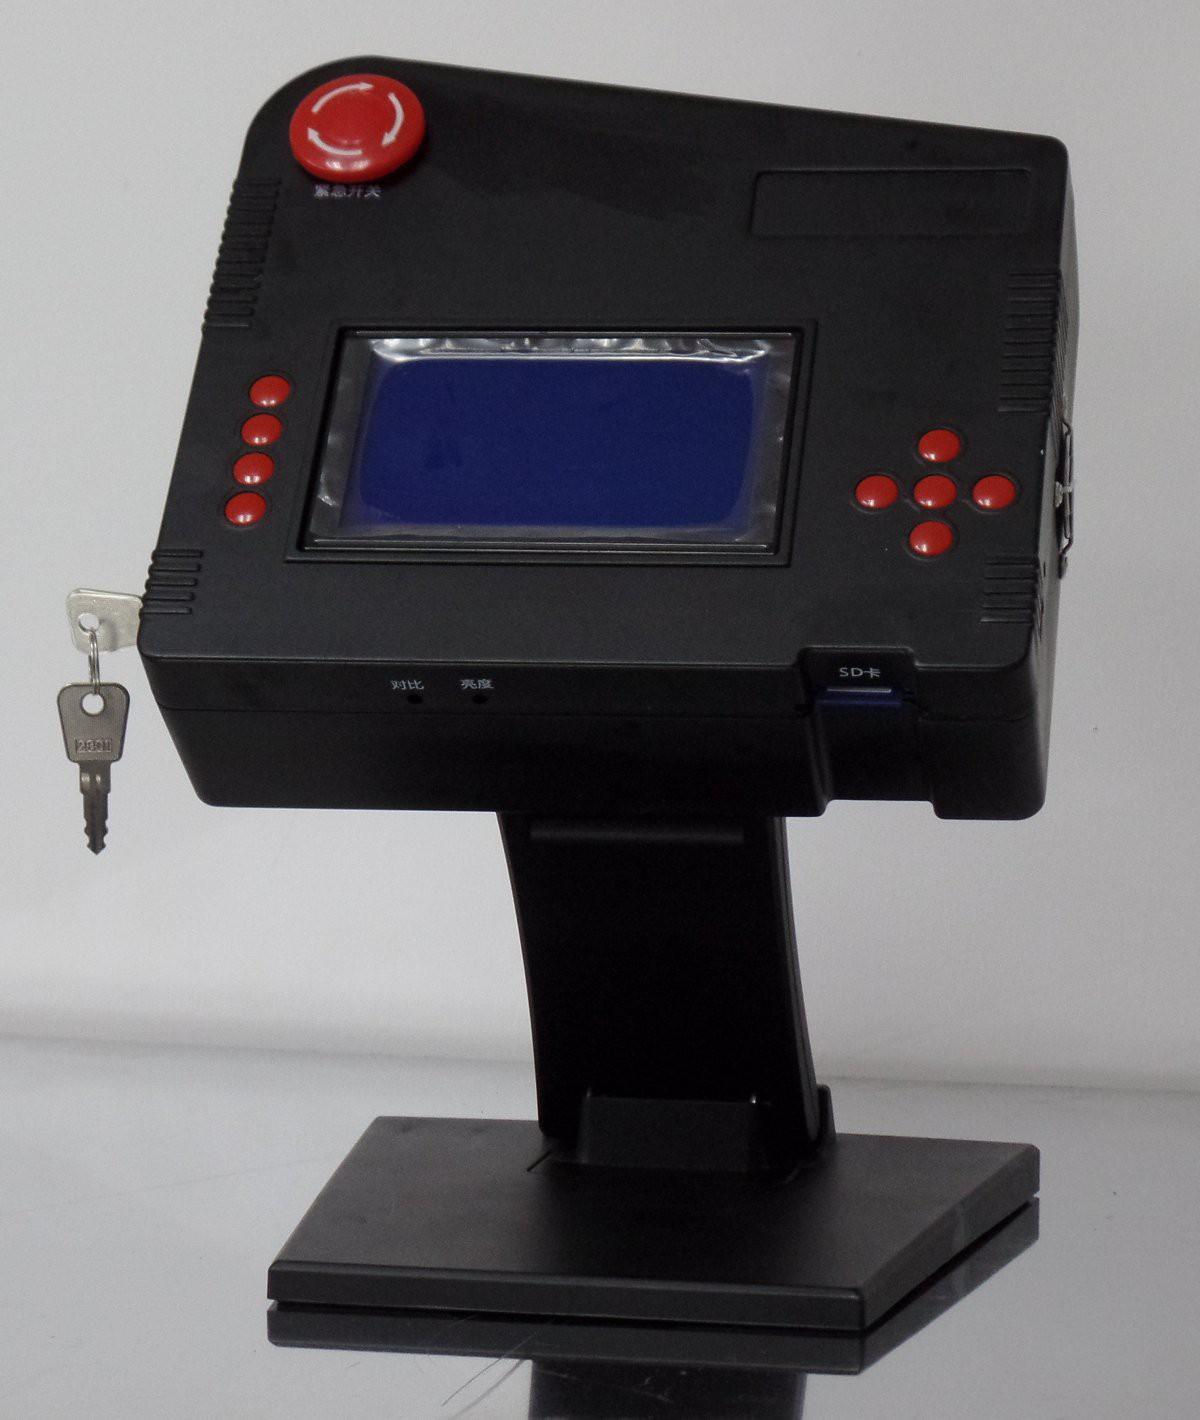 简易CNC控制器,可从SD卡读取G代码,在Indiegogo上查看